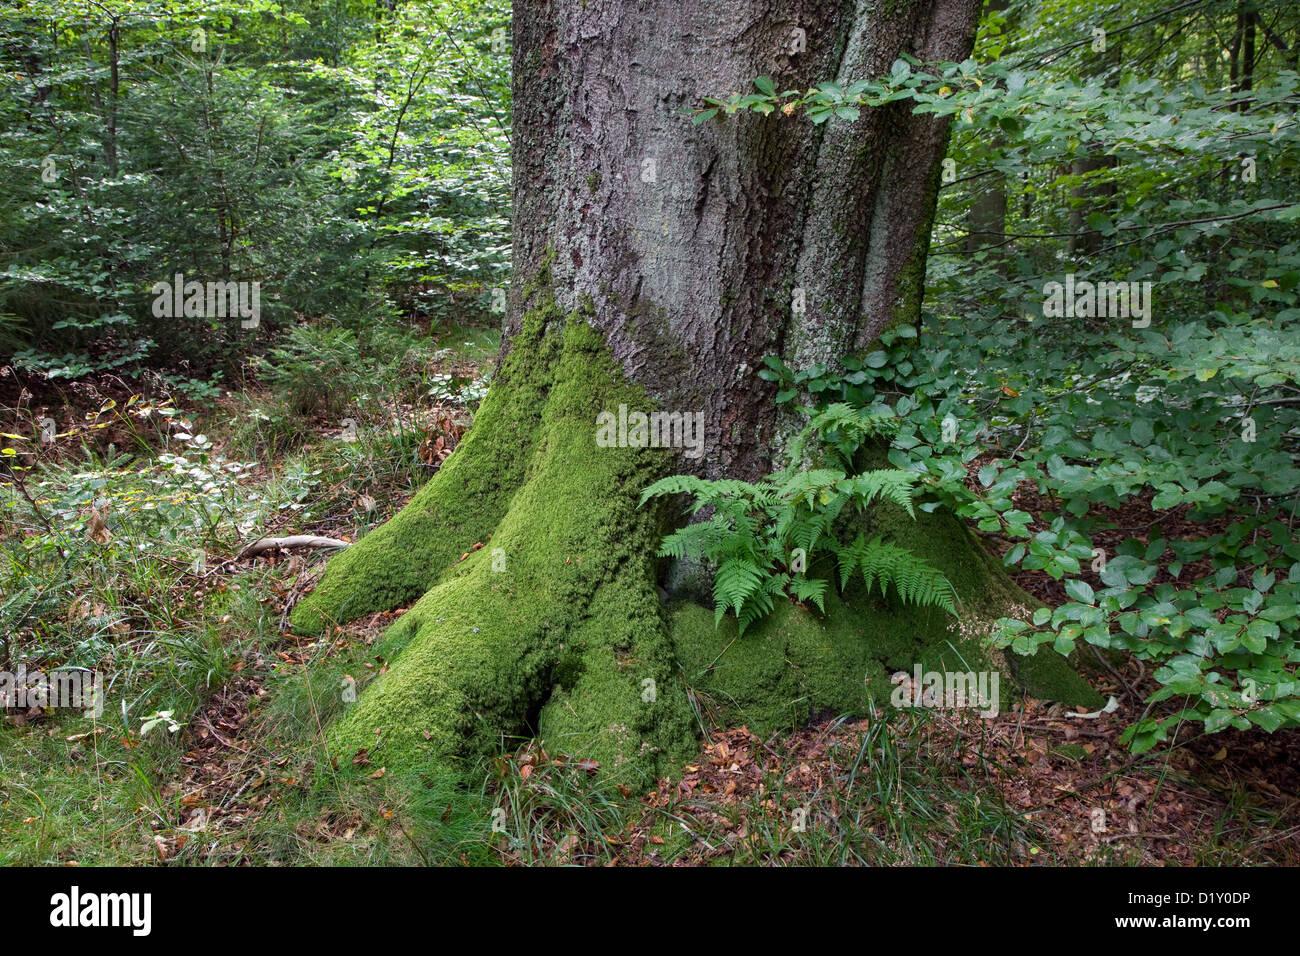 Tronco de árbol haya común (Fagus sylvatica) en un amplio bosque-hojas en verano Imagen De Stock